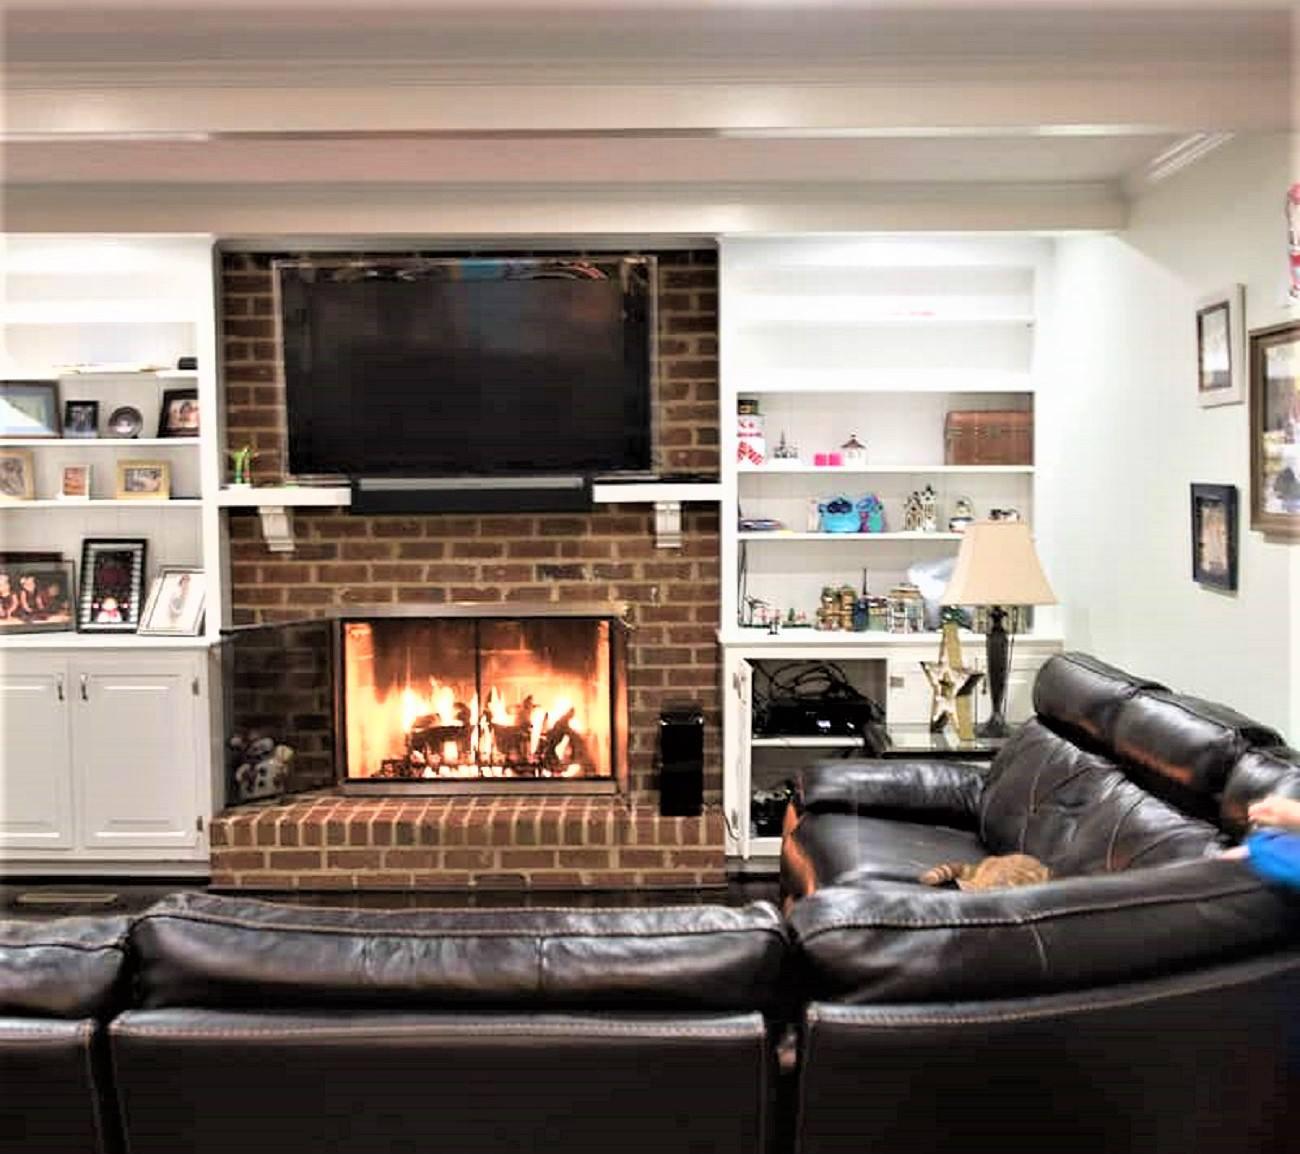 Acogedor salón de estilo familiar con chimenea de ladrillo y seccional de cuero antes del cambio de imagen.